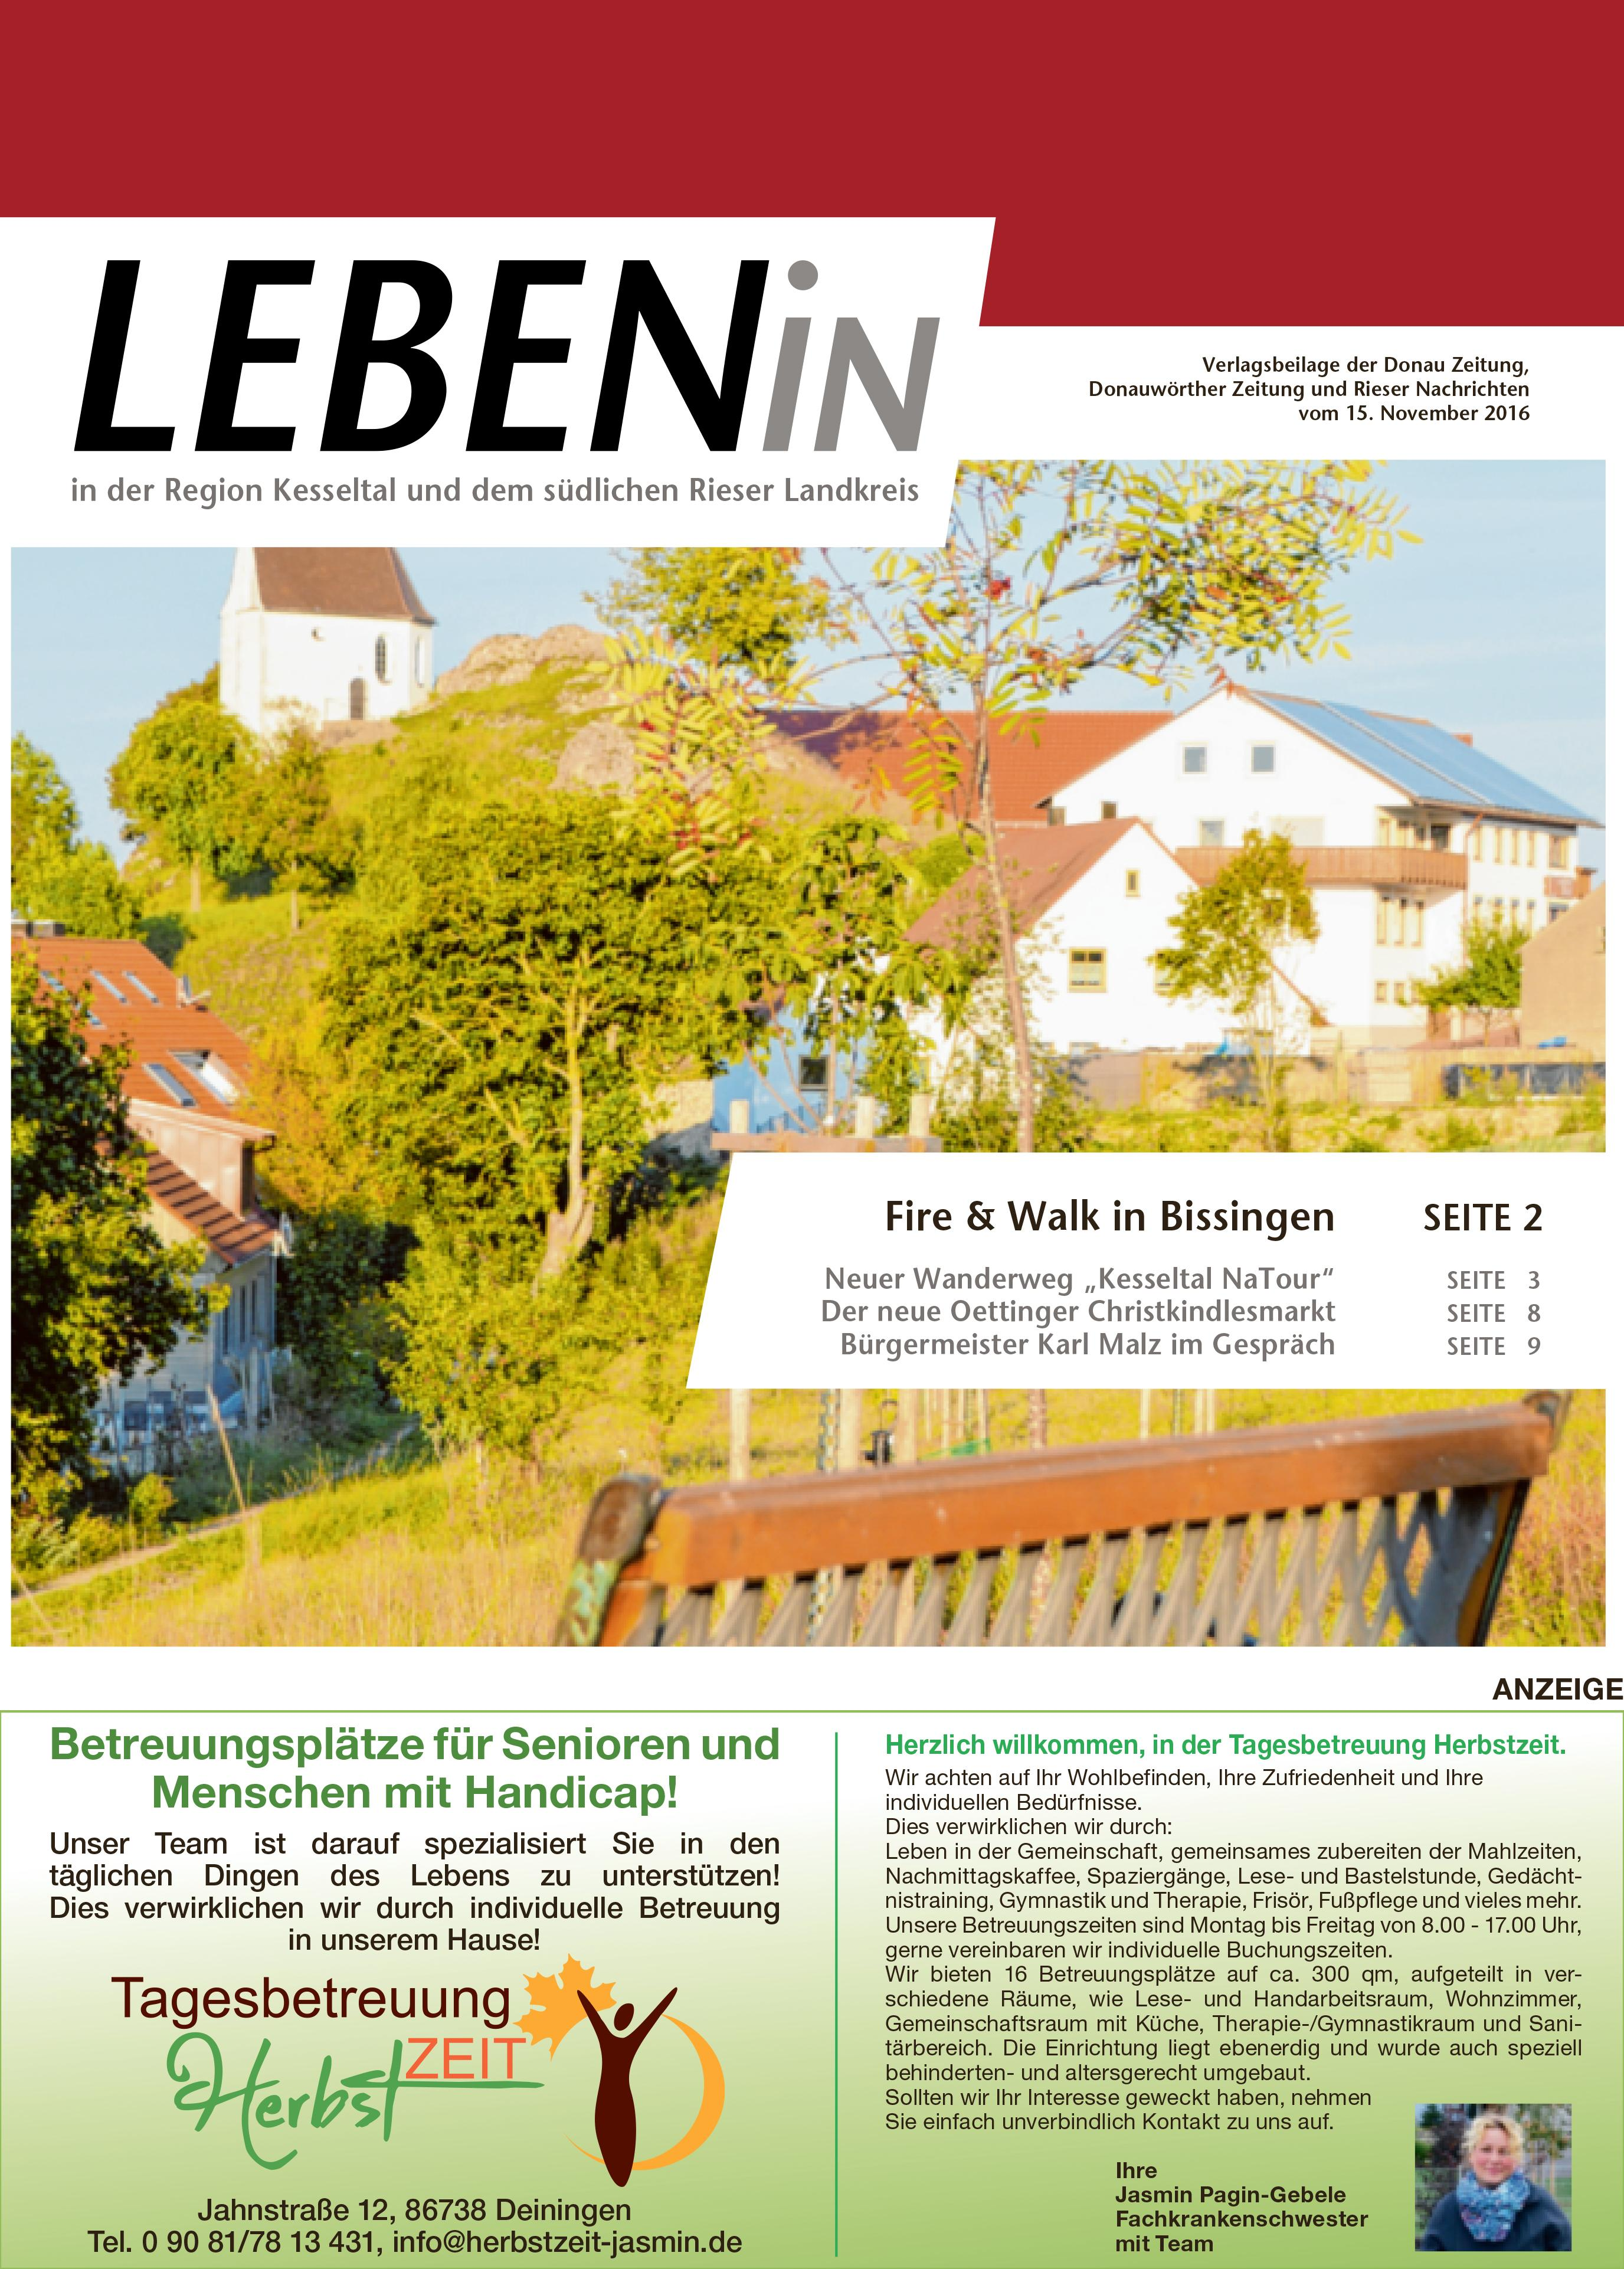 14.11.2016: Leben In: Für die Region Kesseltal und dem südlichen Rieser Landkreis